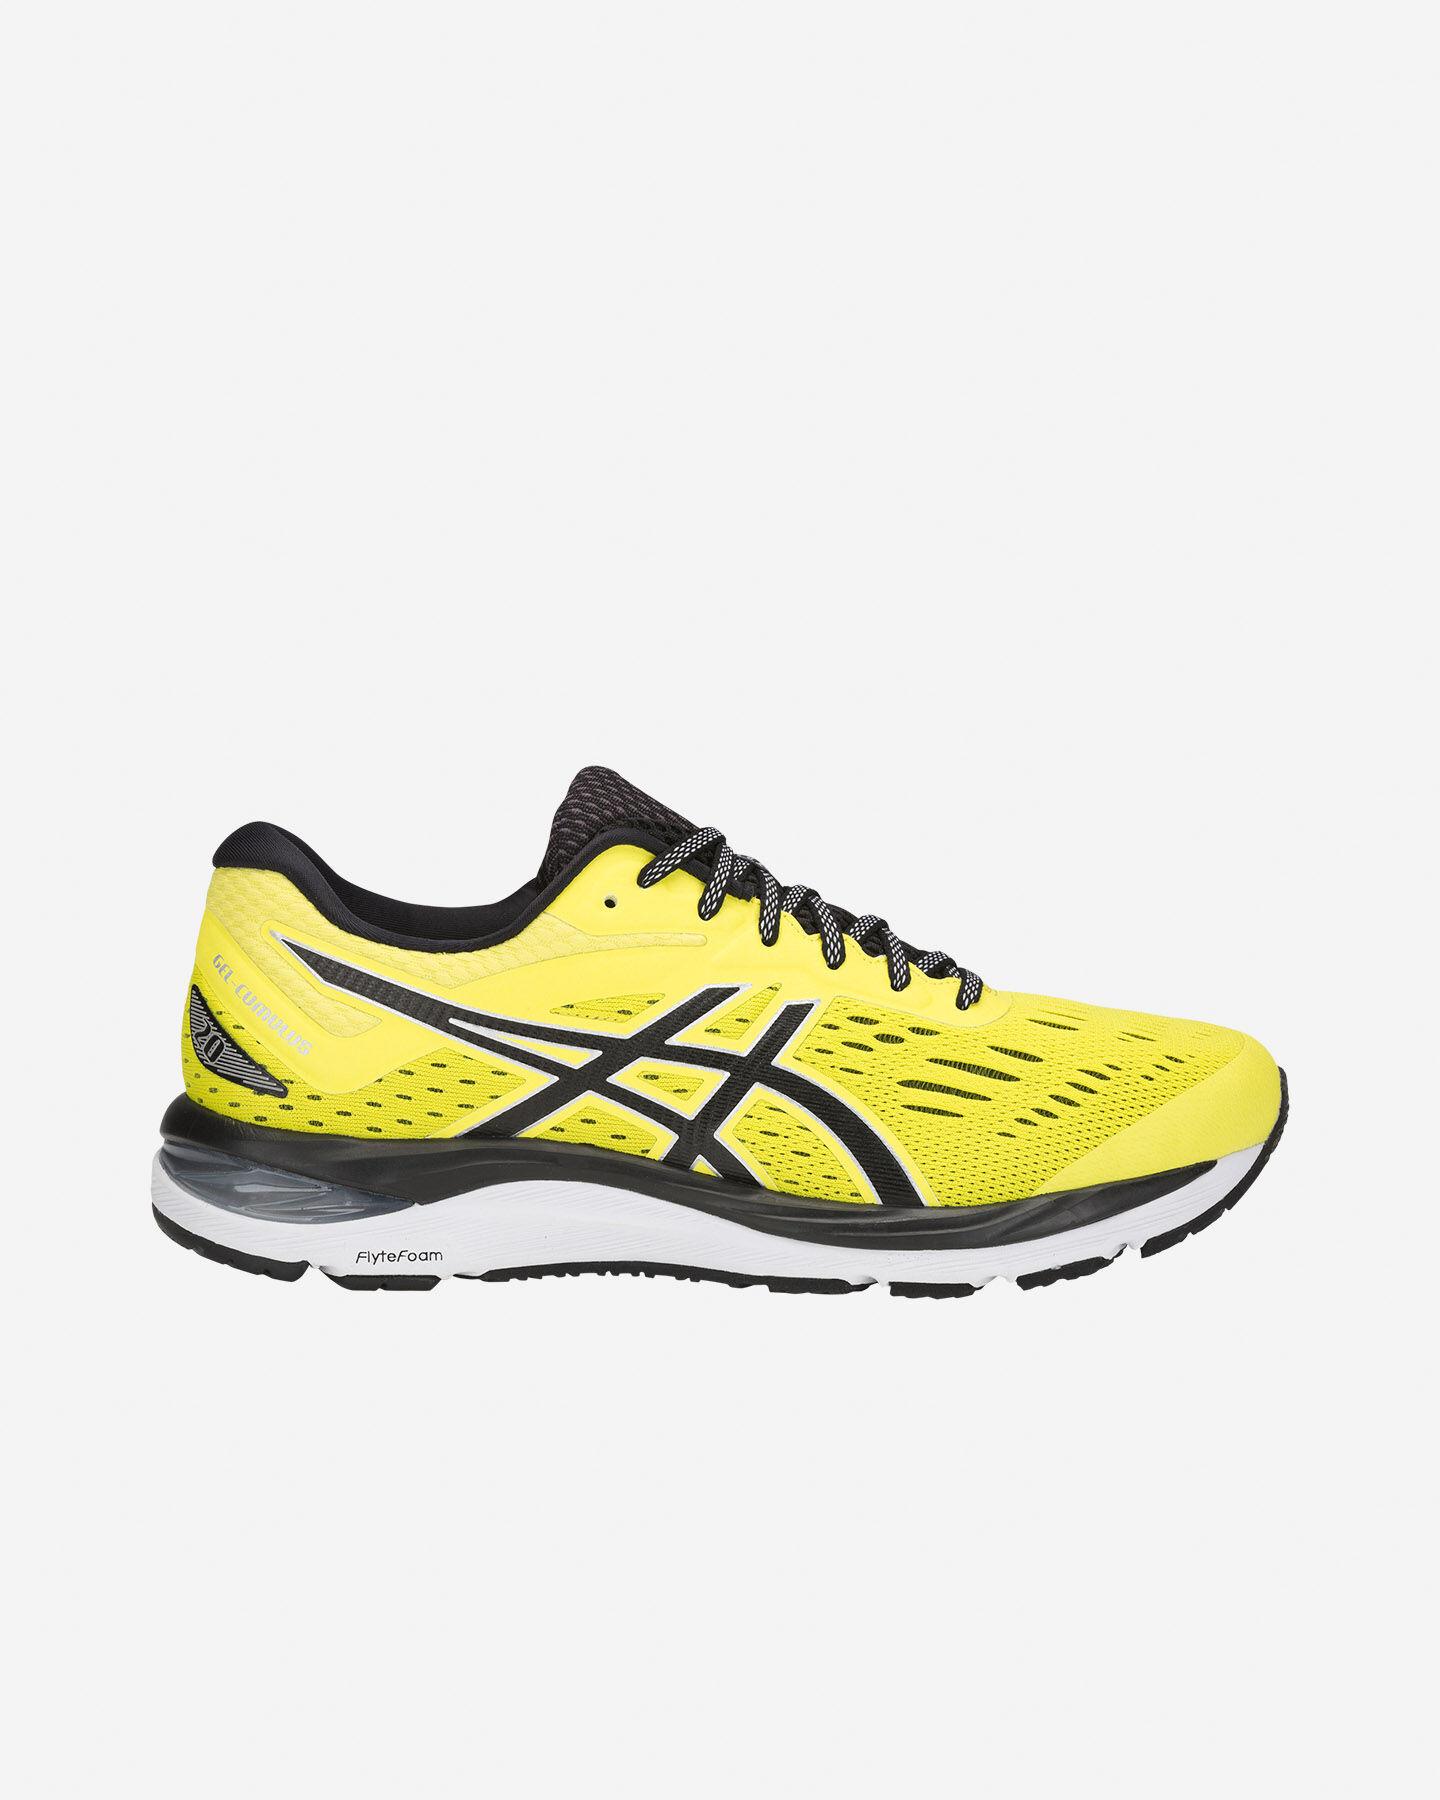 scarpe running asics uomo a3